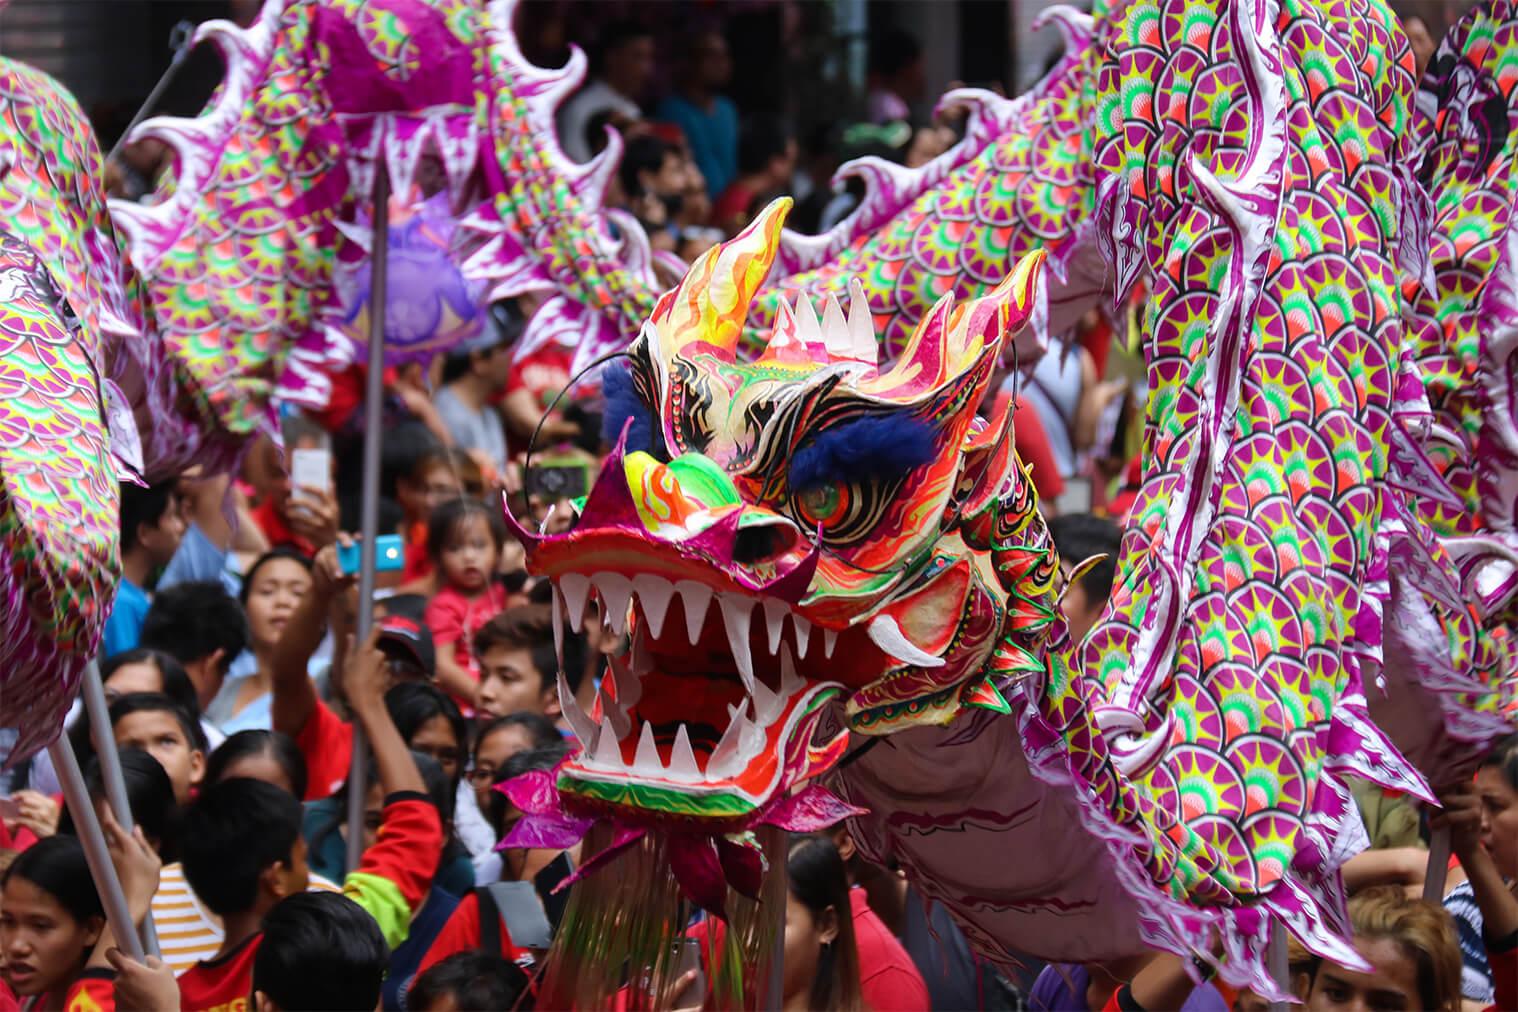 Čínsky nový rok v Manile